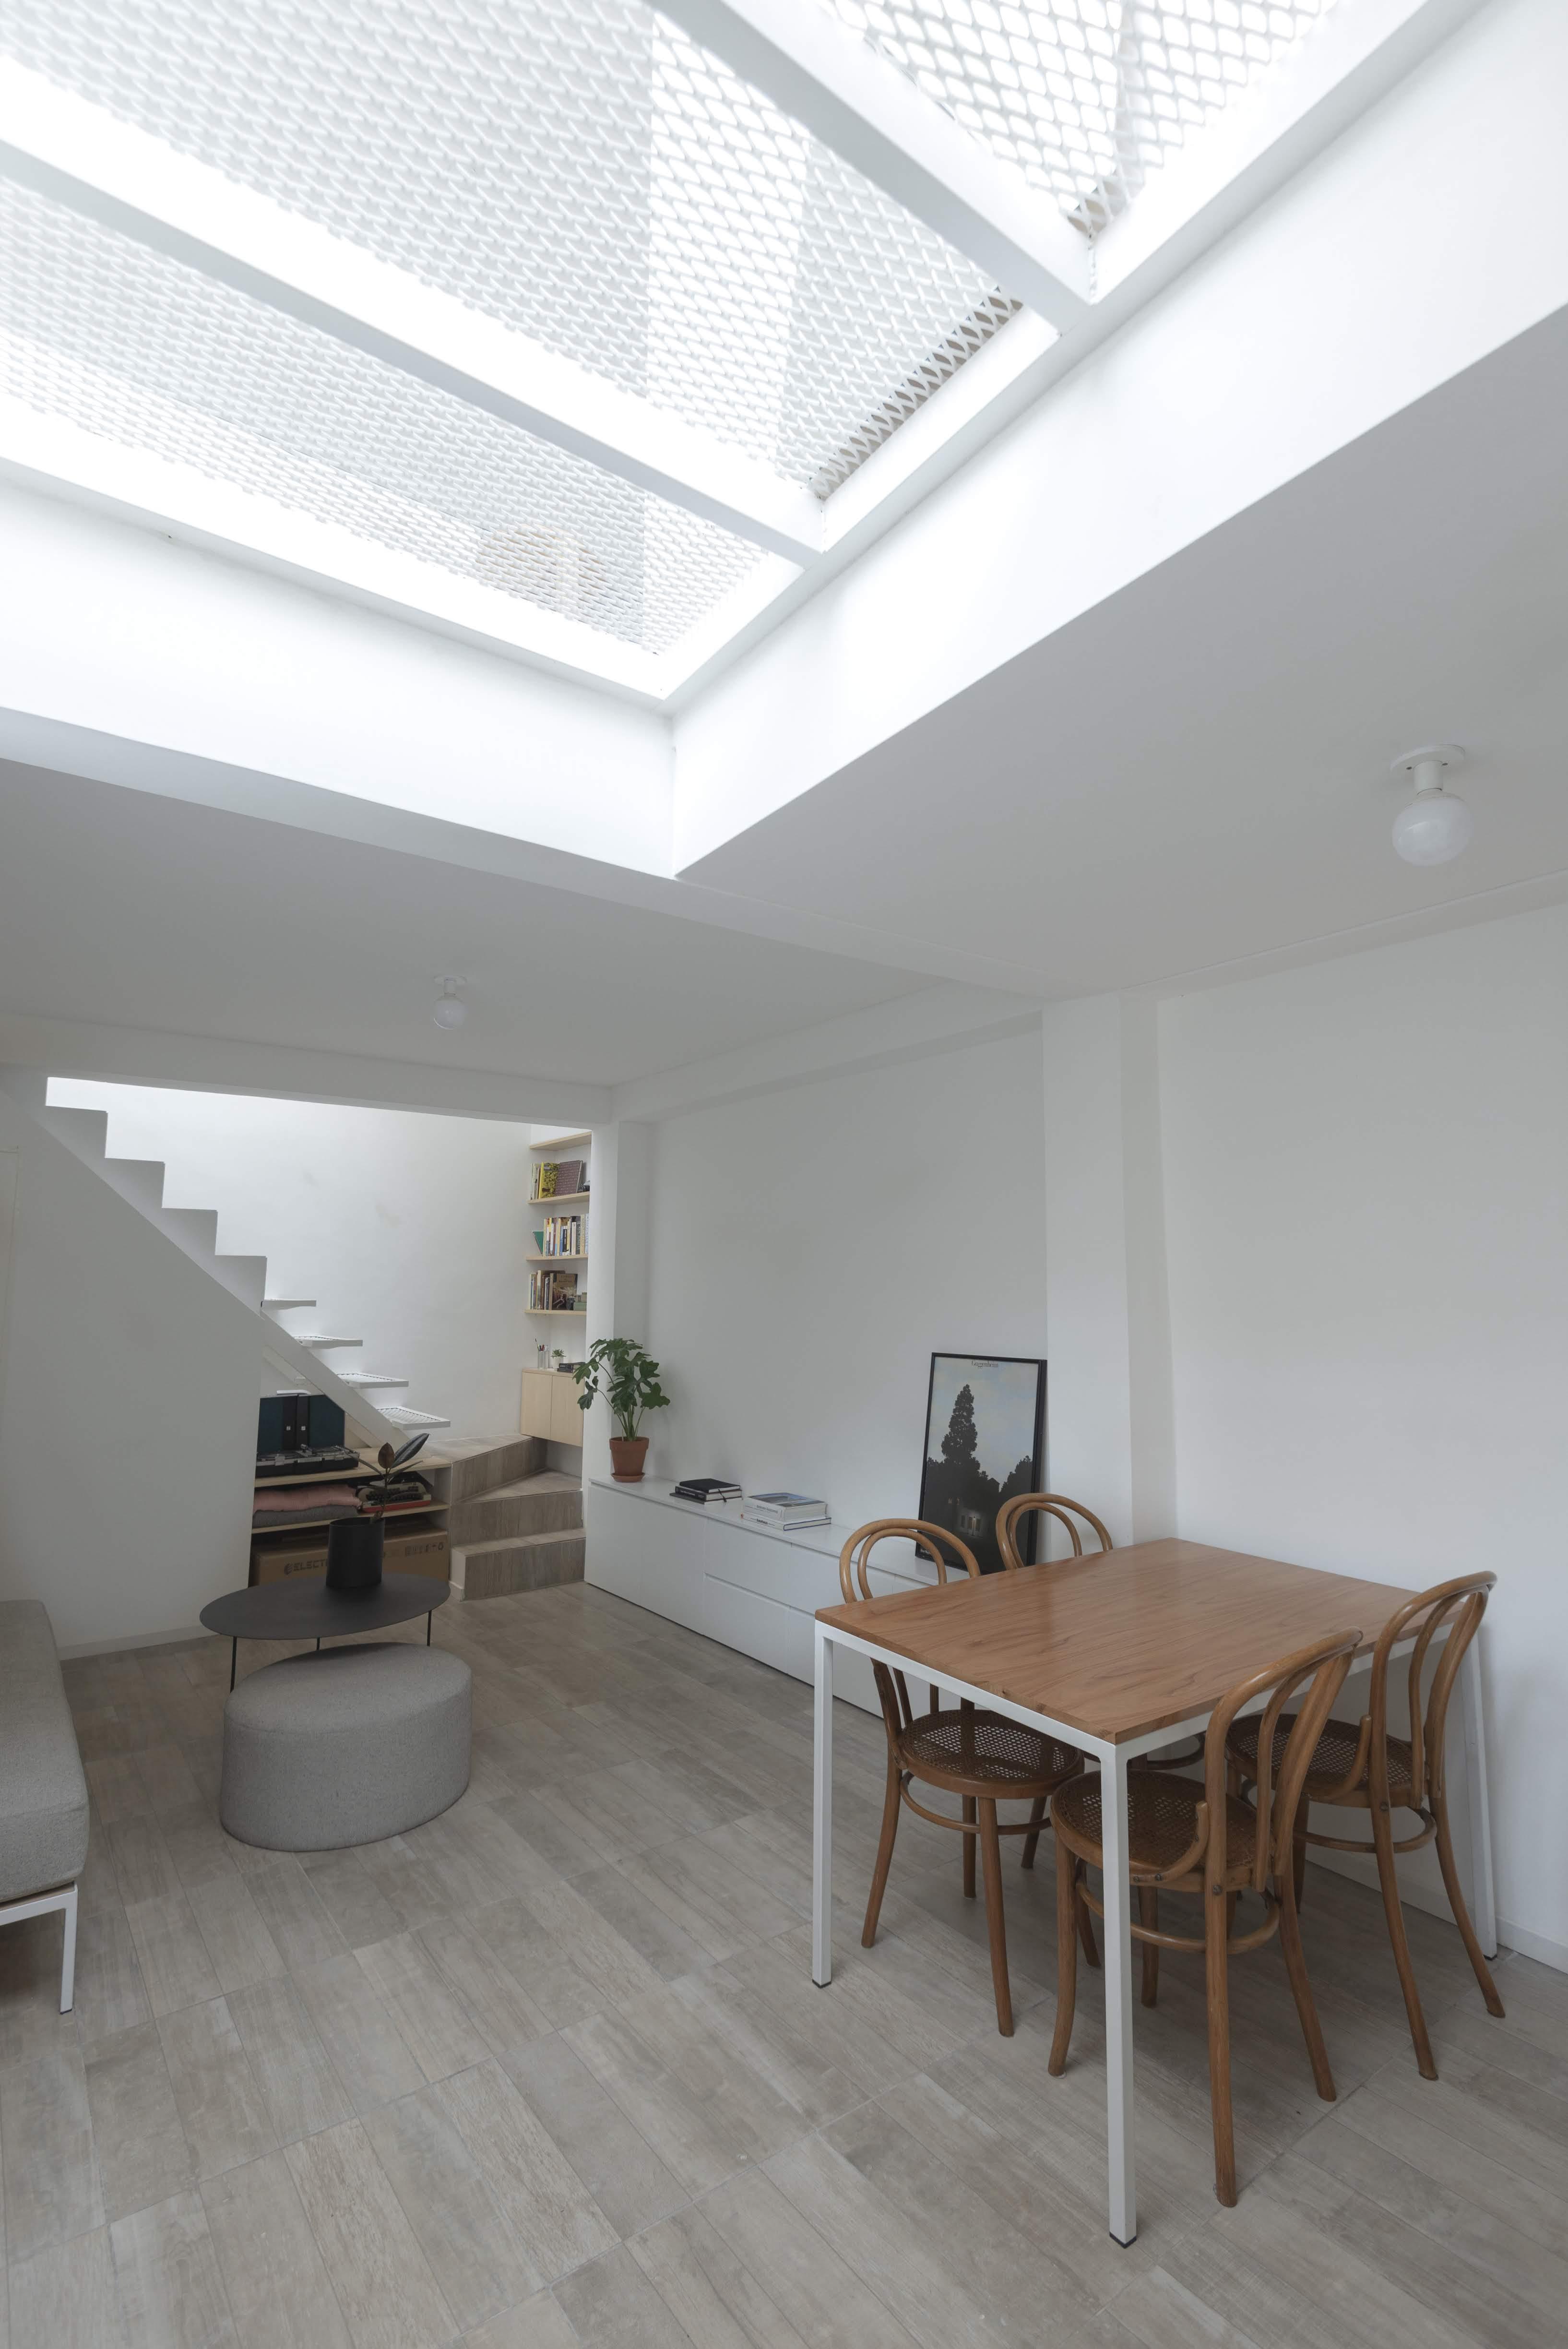 light architecture furniture interior design